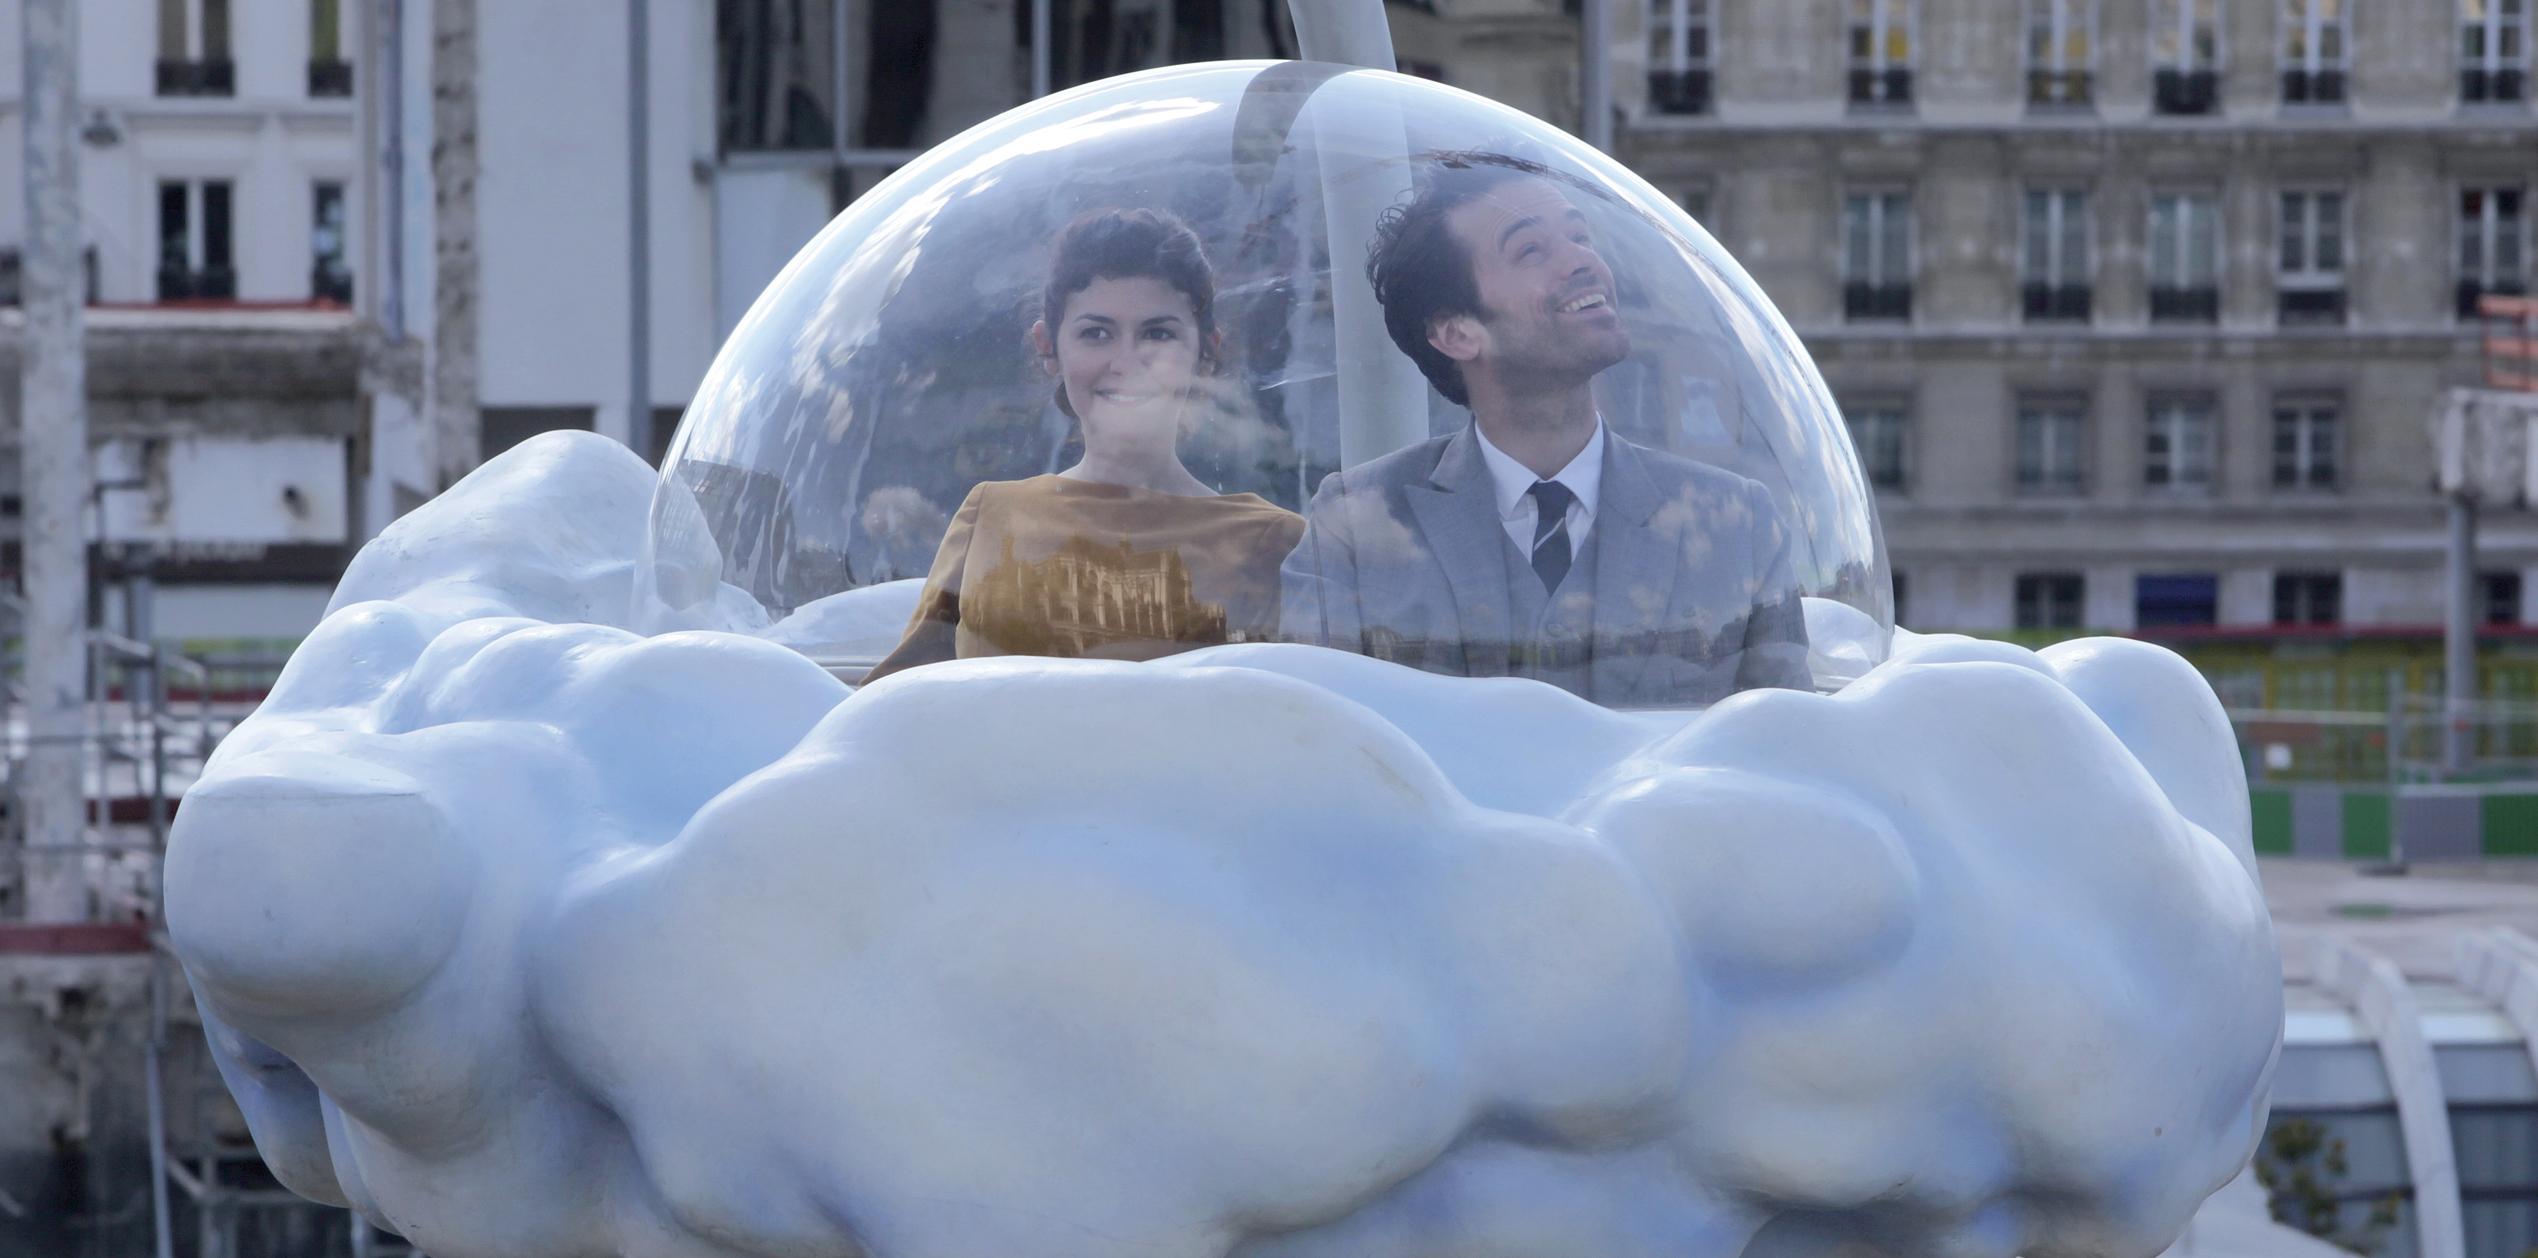 Uno sguardo al cinema artigianale di Michel Gondry | Collater.al 6